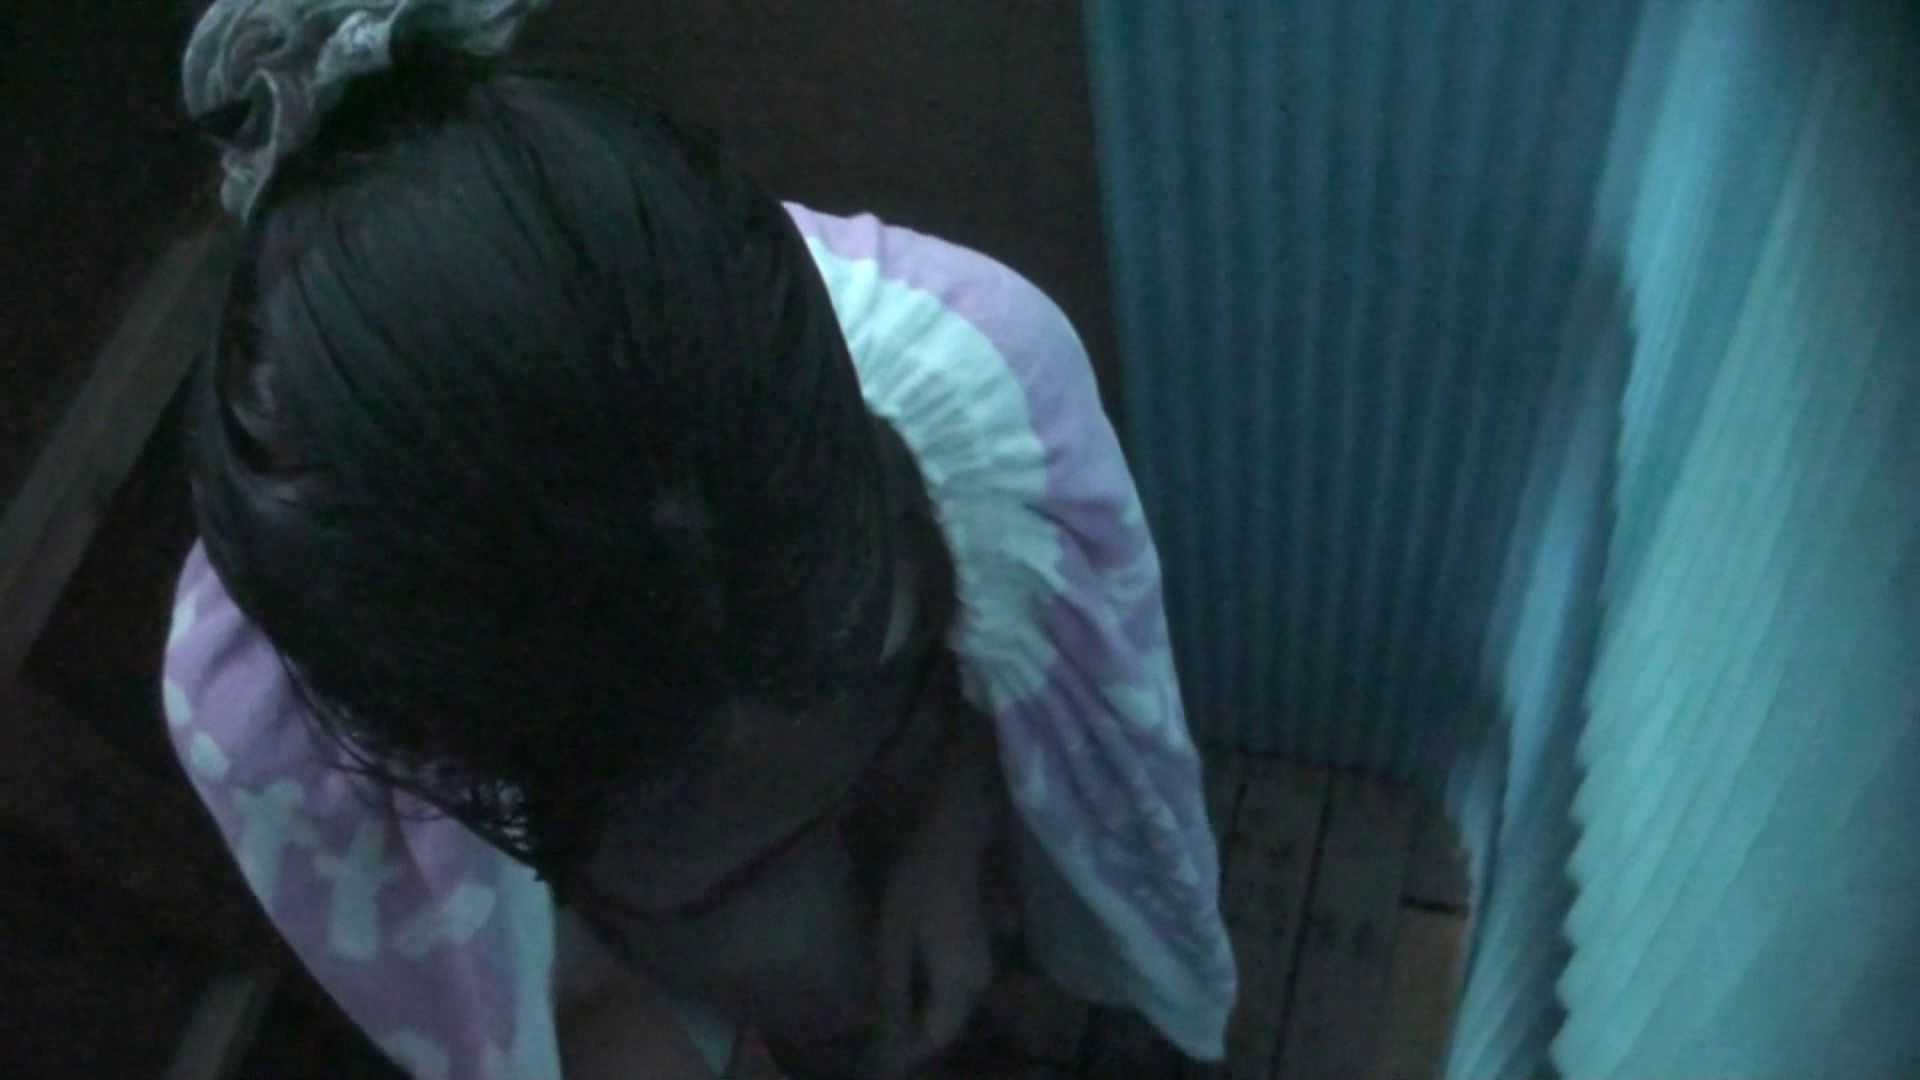 シャワールームは超!!危険な香りVol.26 大学生風美形ギャル 暗さが残念! 脱衣所の着替え 女性器鑑賞 95画像 59